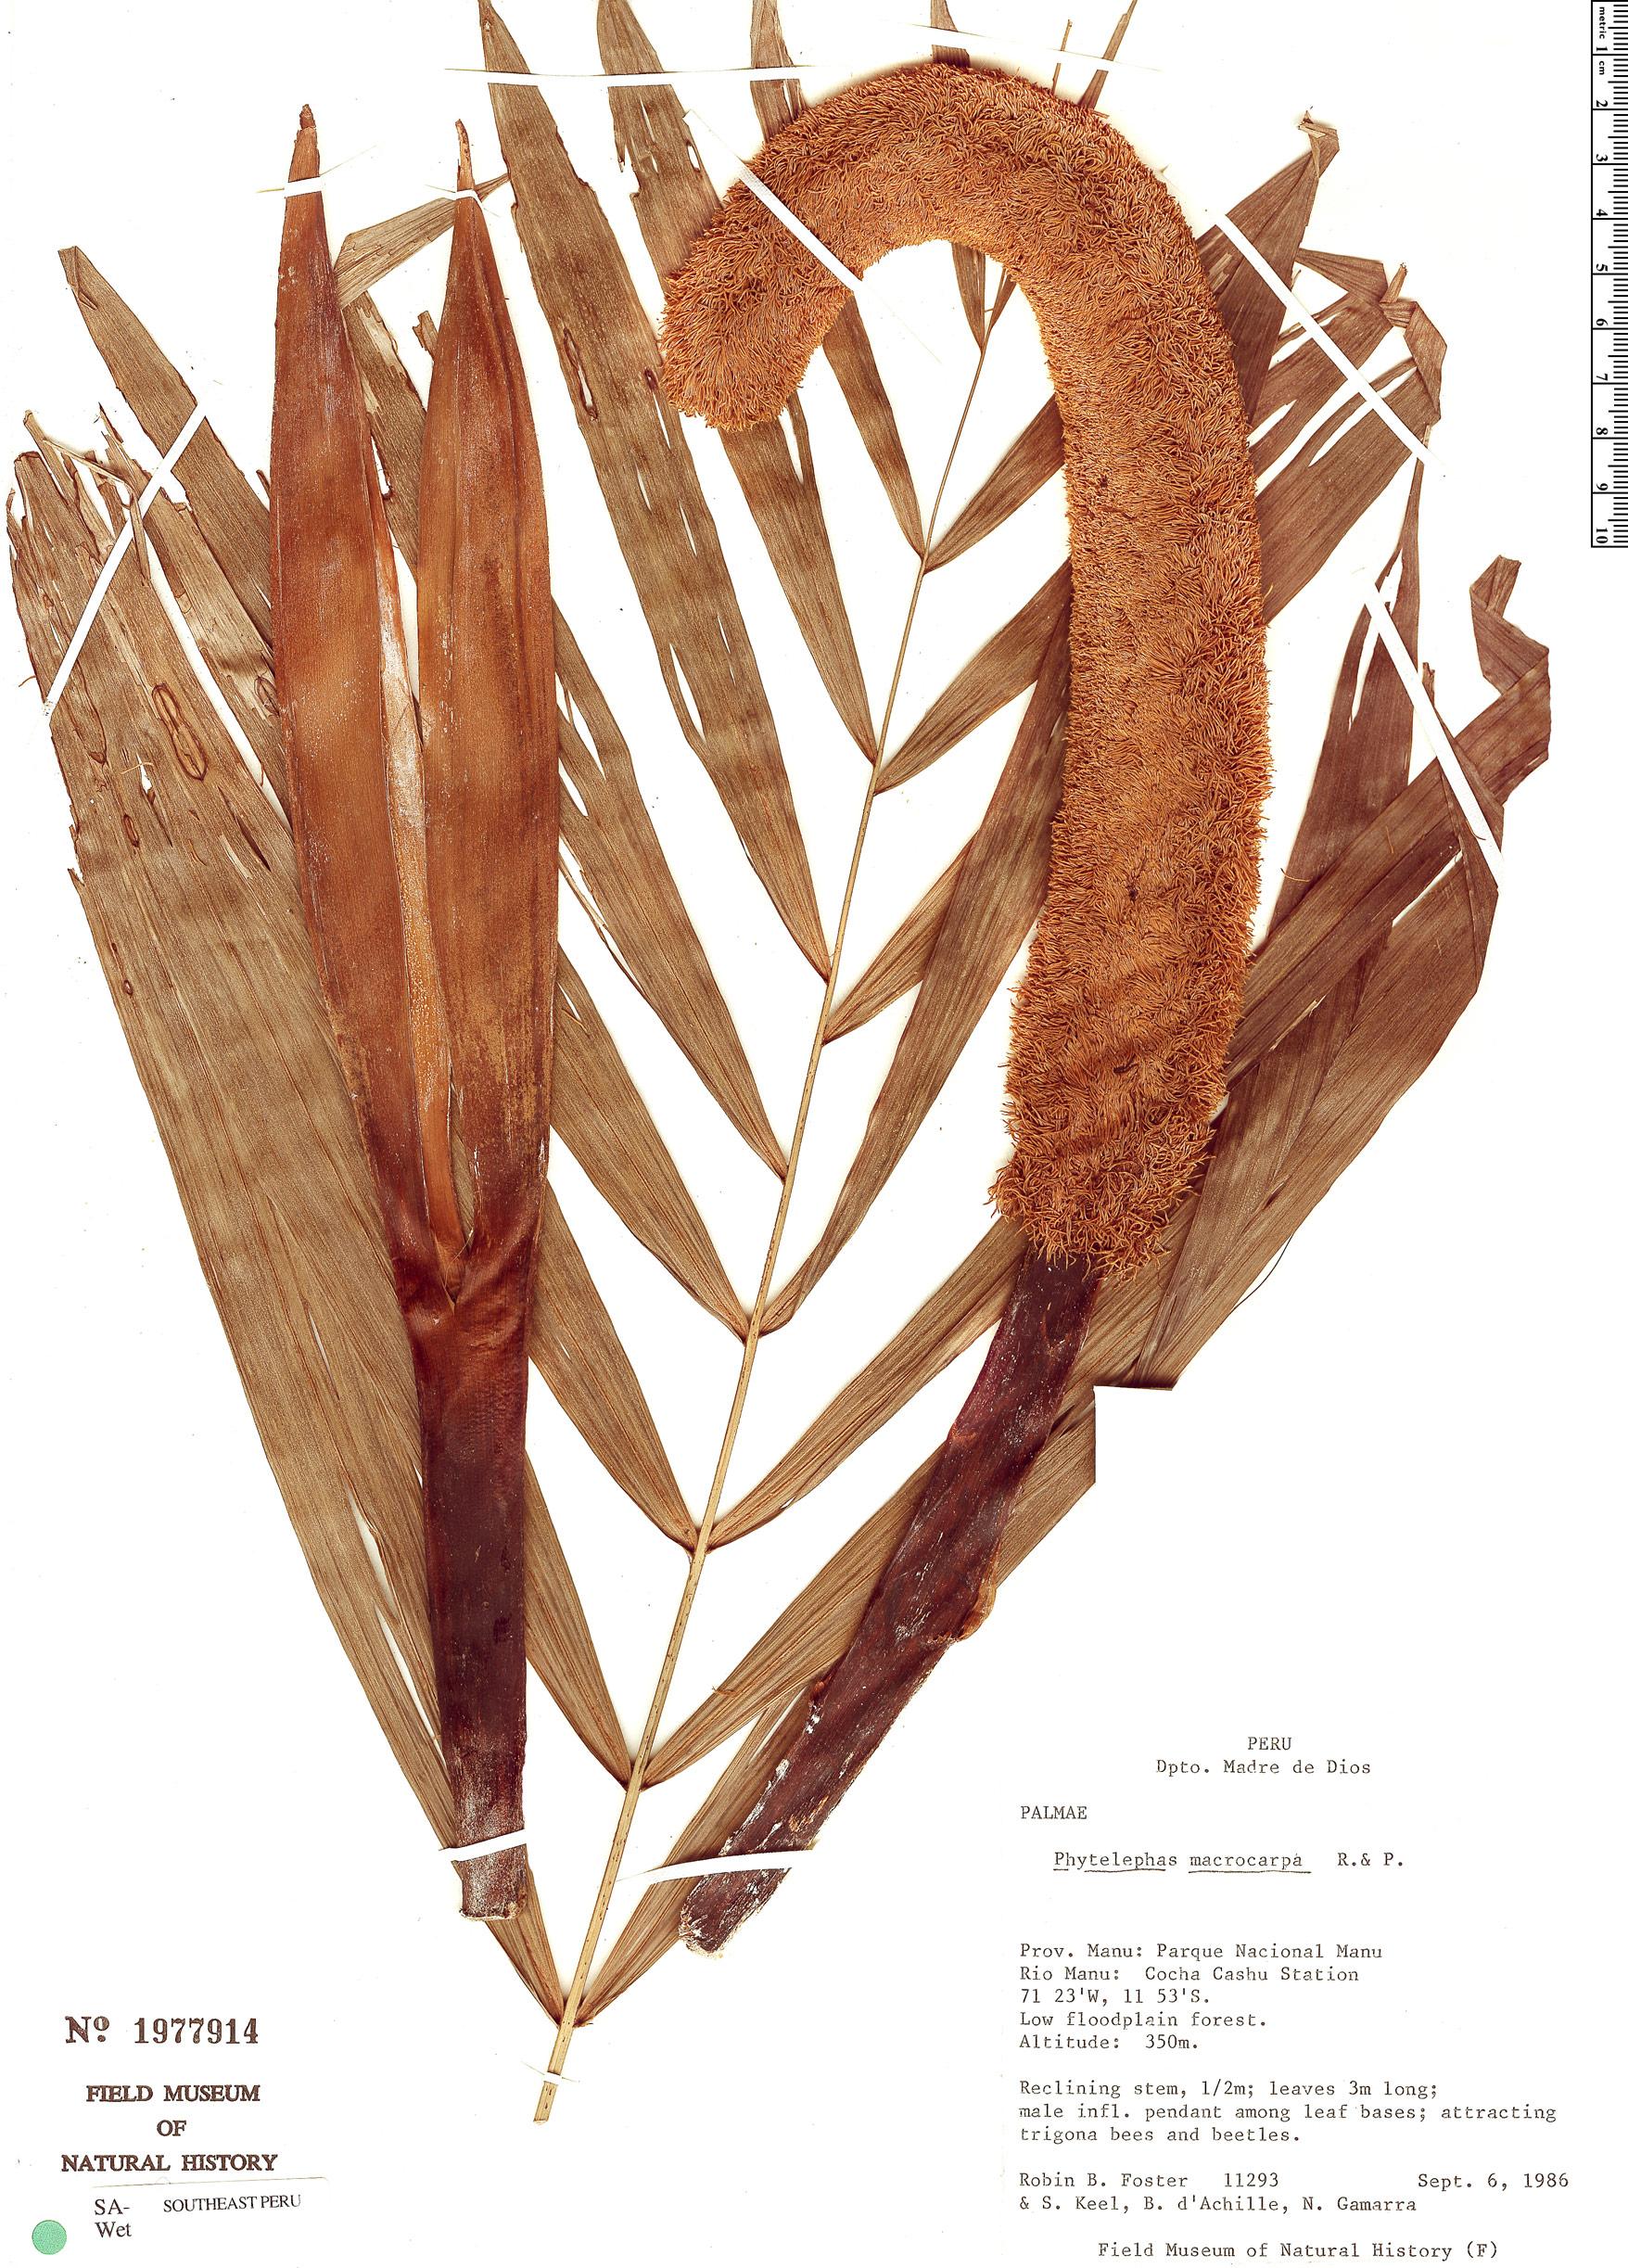 Specimen: Phytelephas macrocarpa